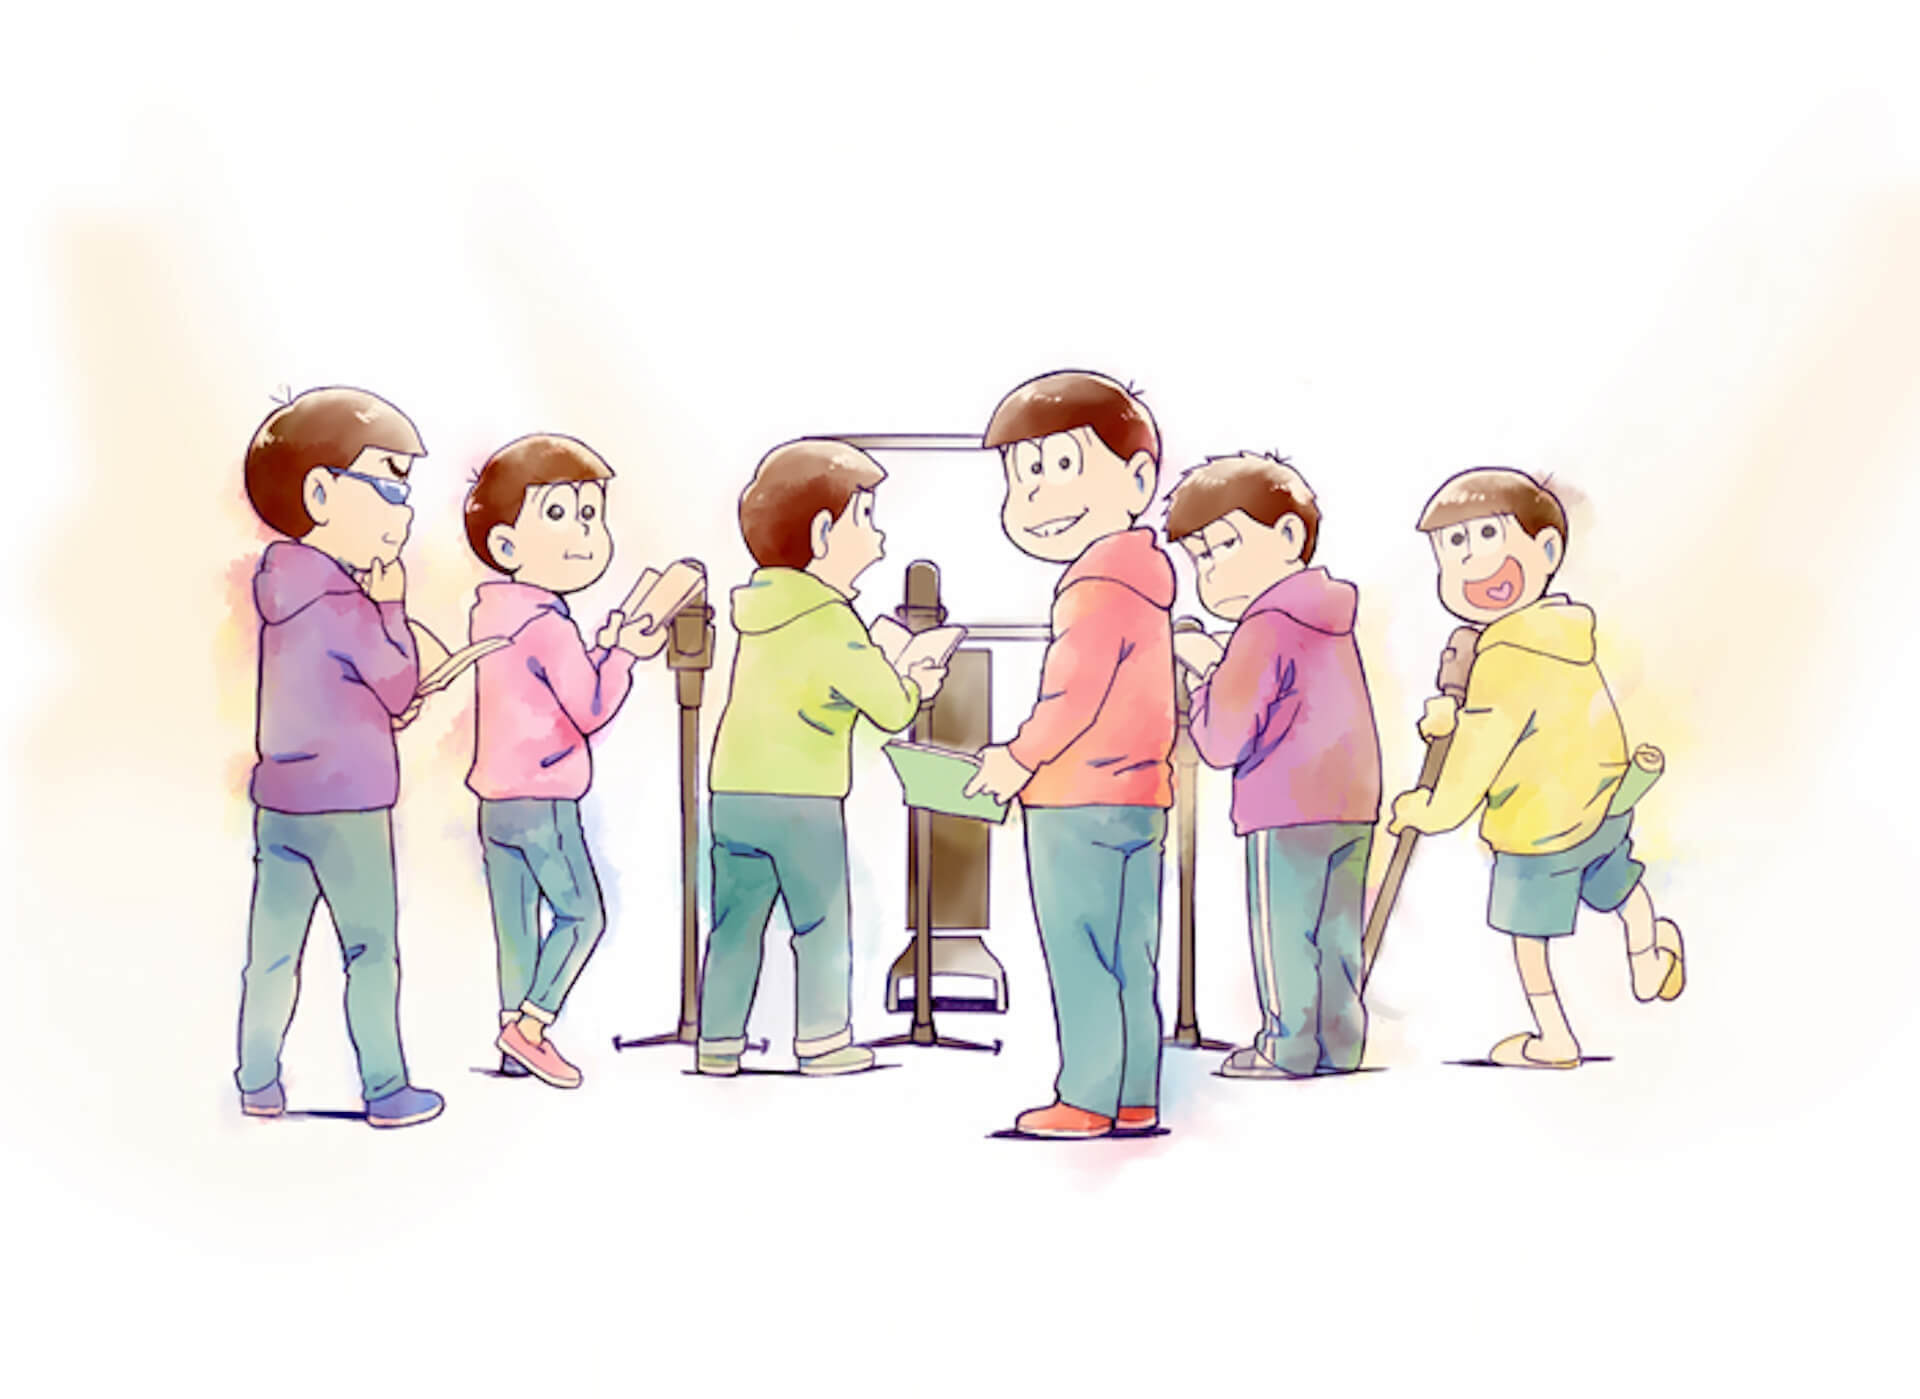 第3期放送決定のアニメ『おそ松さん』の6つ子がファンクラブを開設!?6つ子からユニークなコメントも到着 art200713_osomatsusan_1